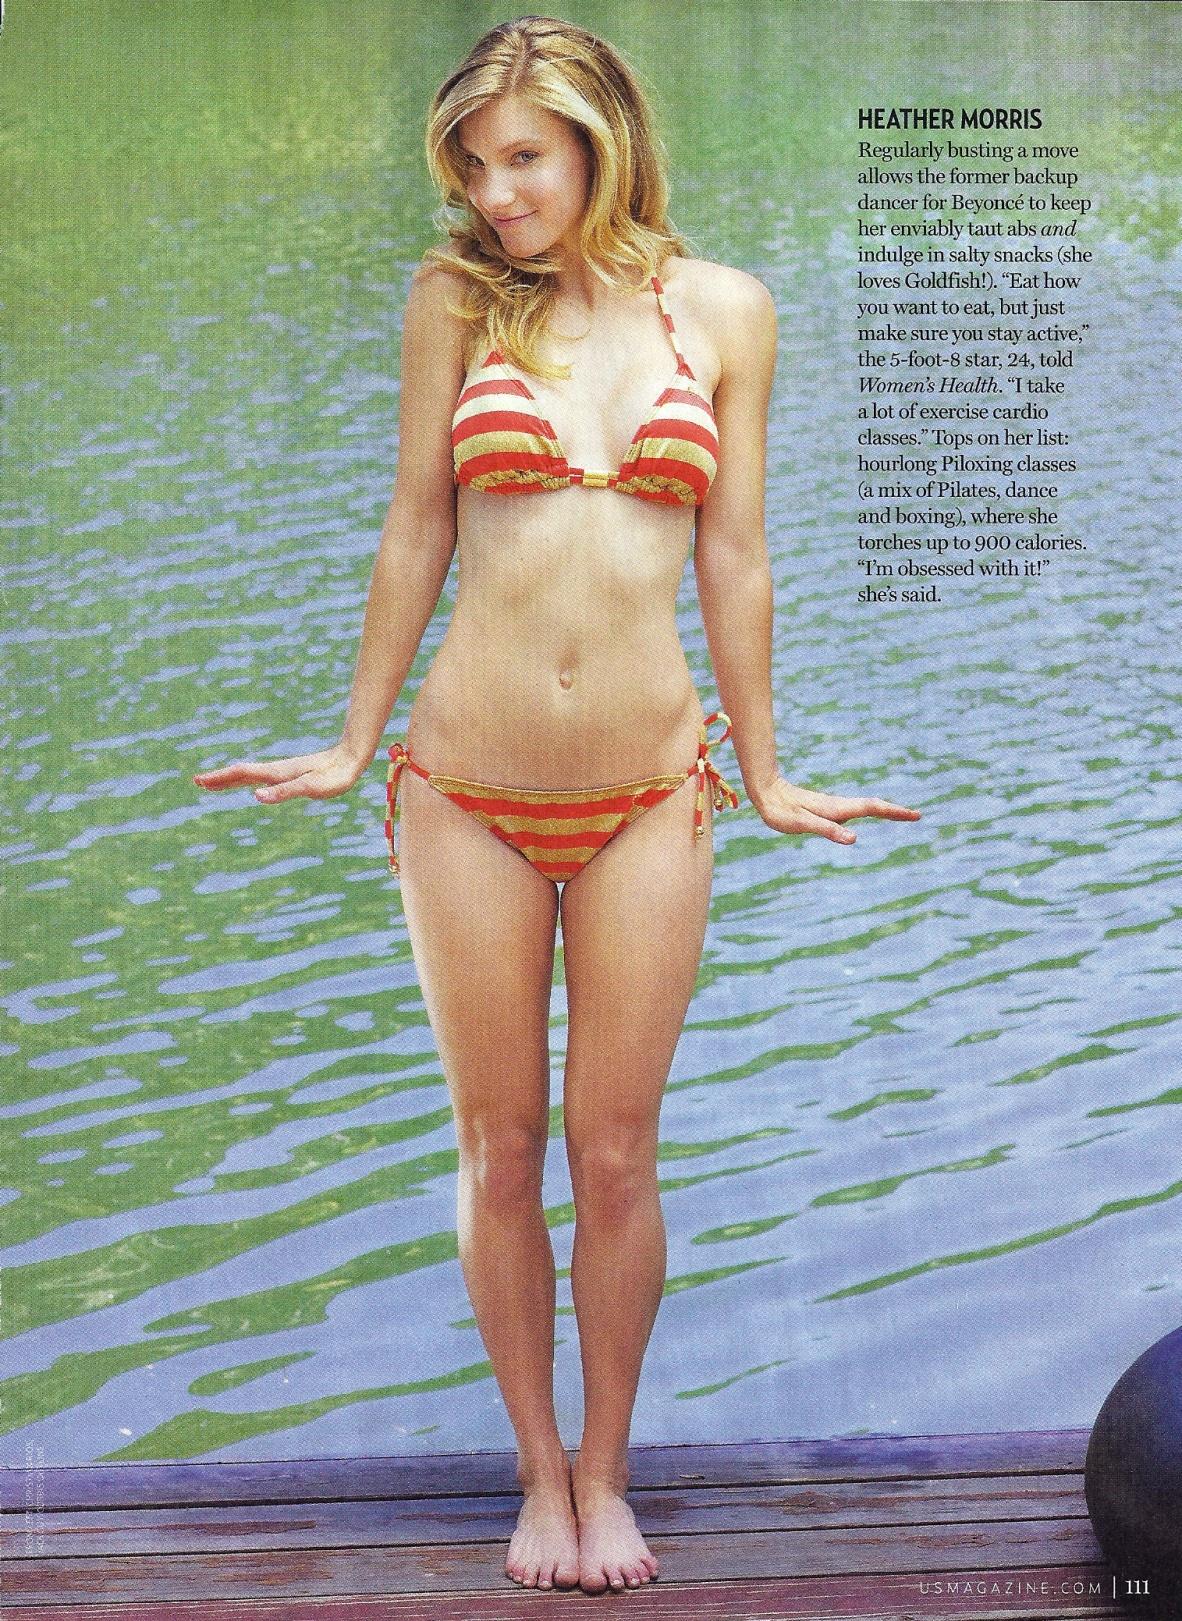 Heather morris body